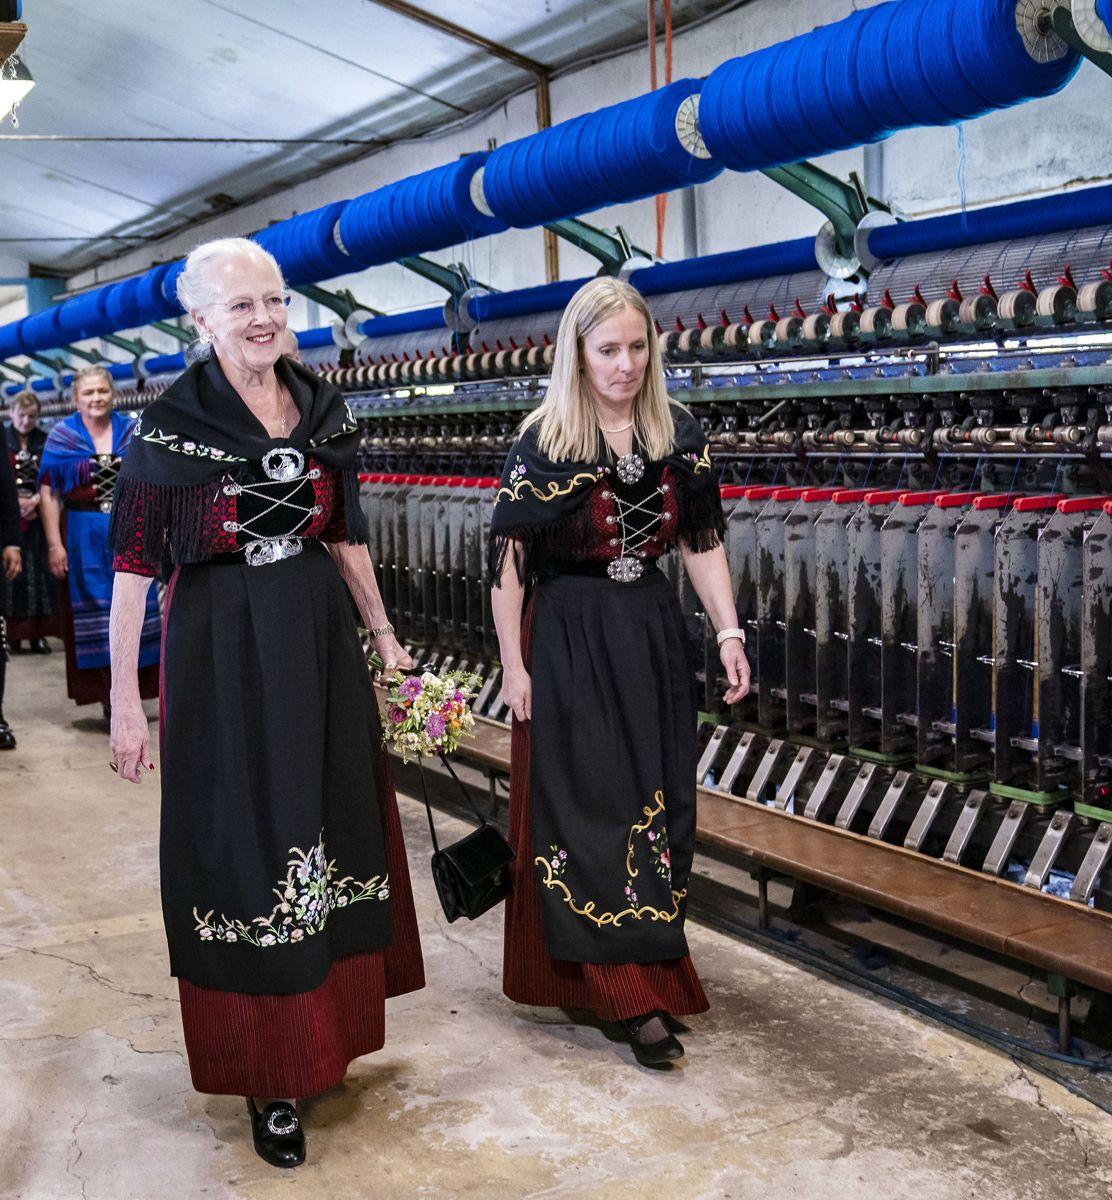 Dronning Margrethe besøger Færøerne søndag den 18. juli 2021. Her besøger hun familevirksomheden Snældan. (Foto: Hanne Juul HANNE JUUL/Ritzau Scanpix)